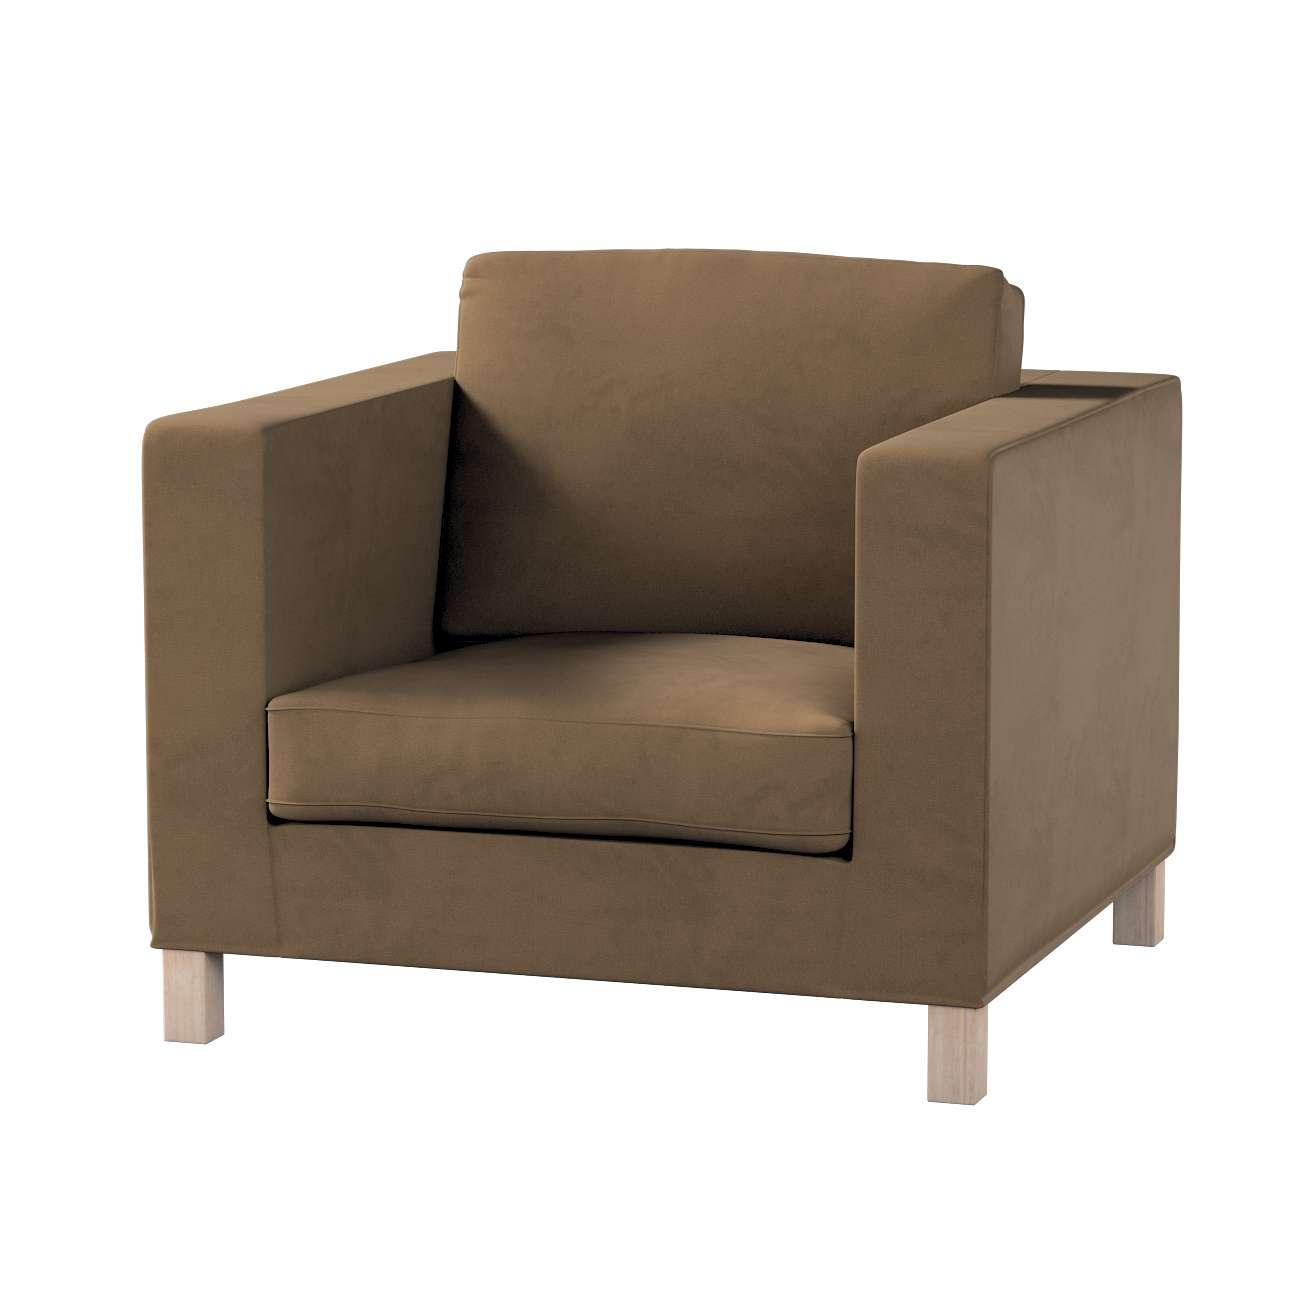 Pokrowiec na fotel Karlanda, krótki w kolekcji Living, tkanina: 160-94